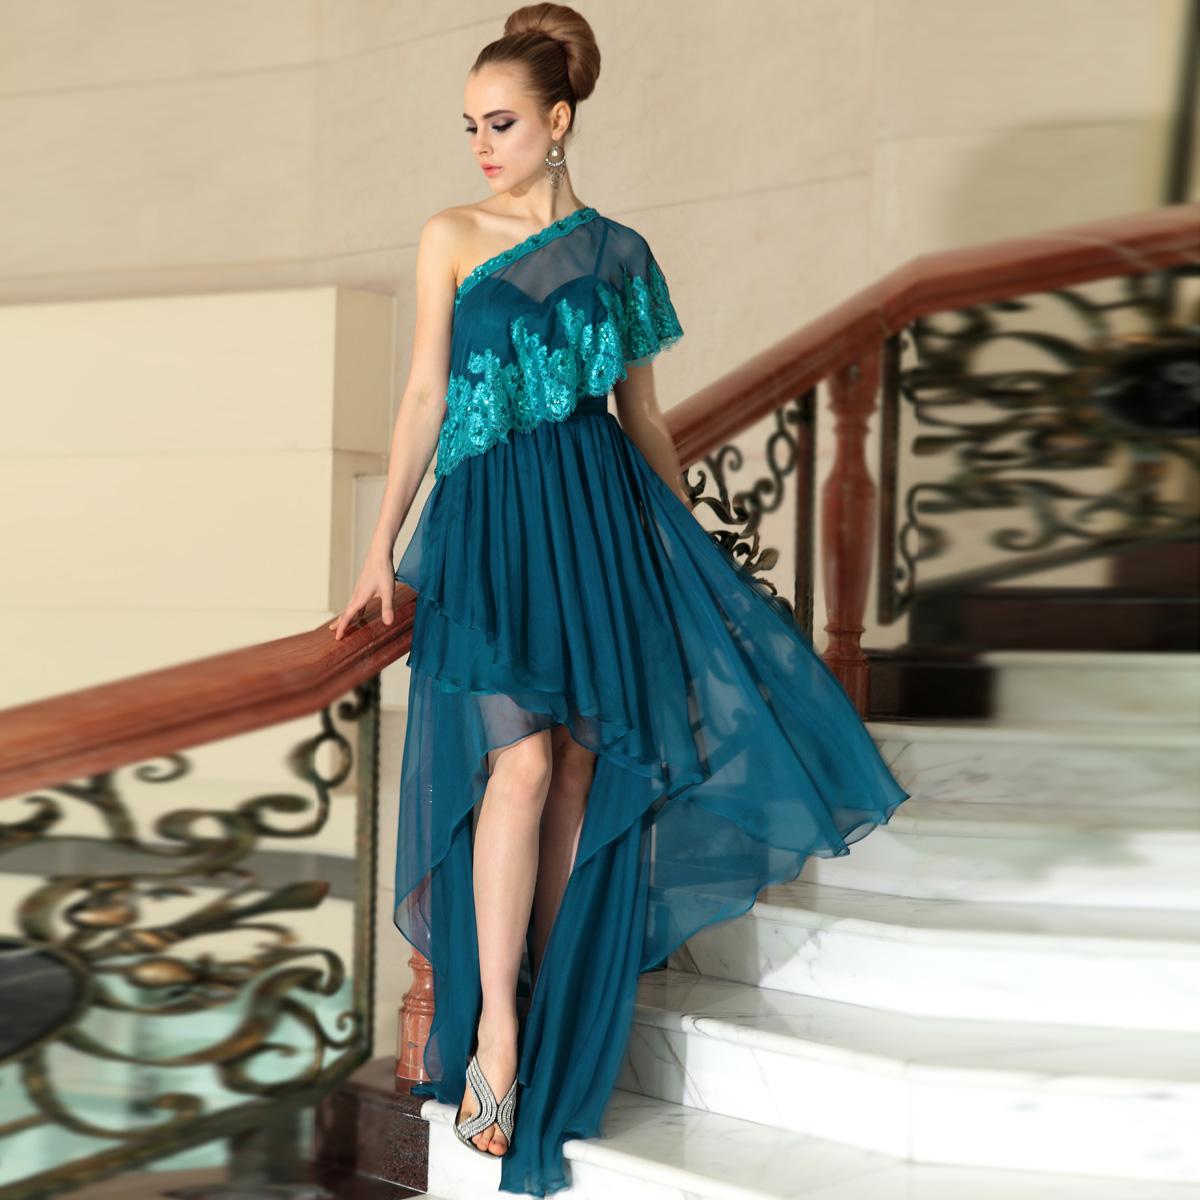 Вечерние платья Duoliqi 6061 Duoliqi